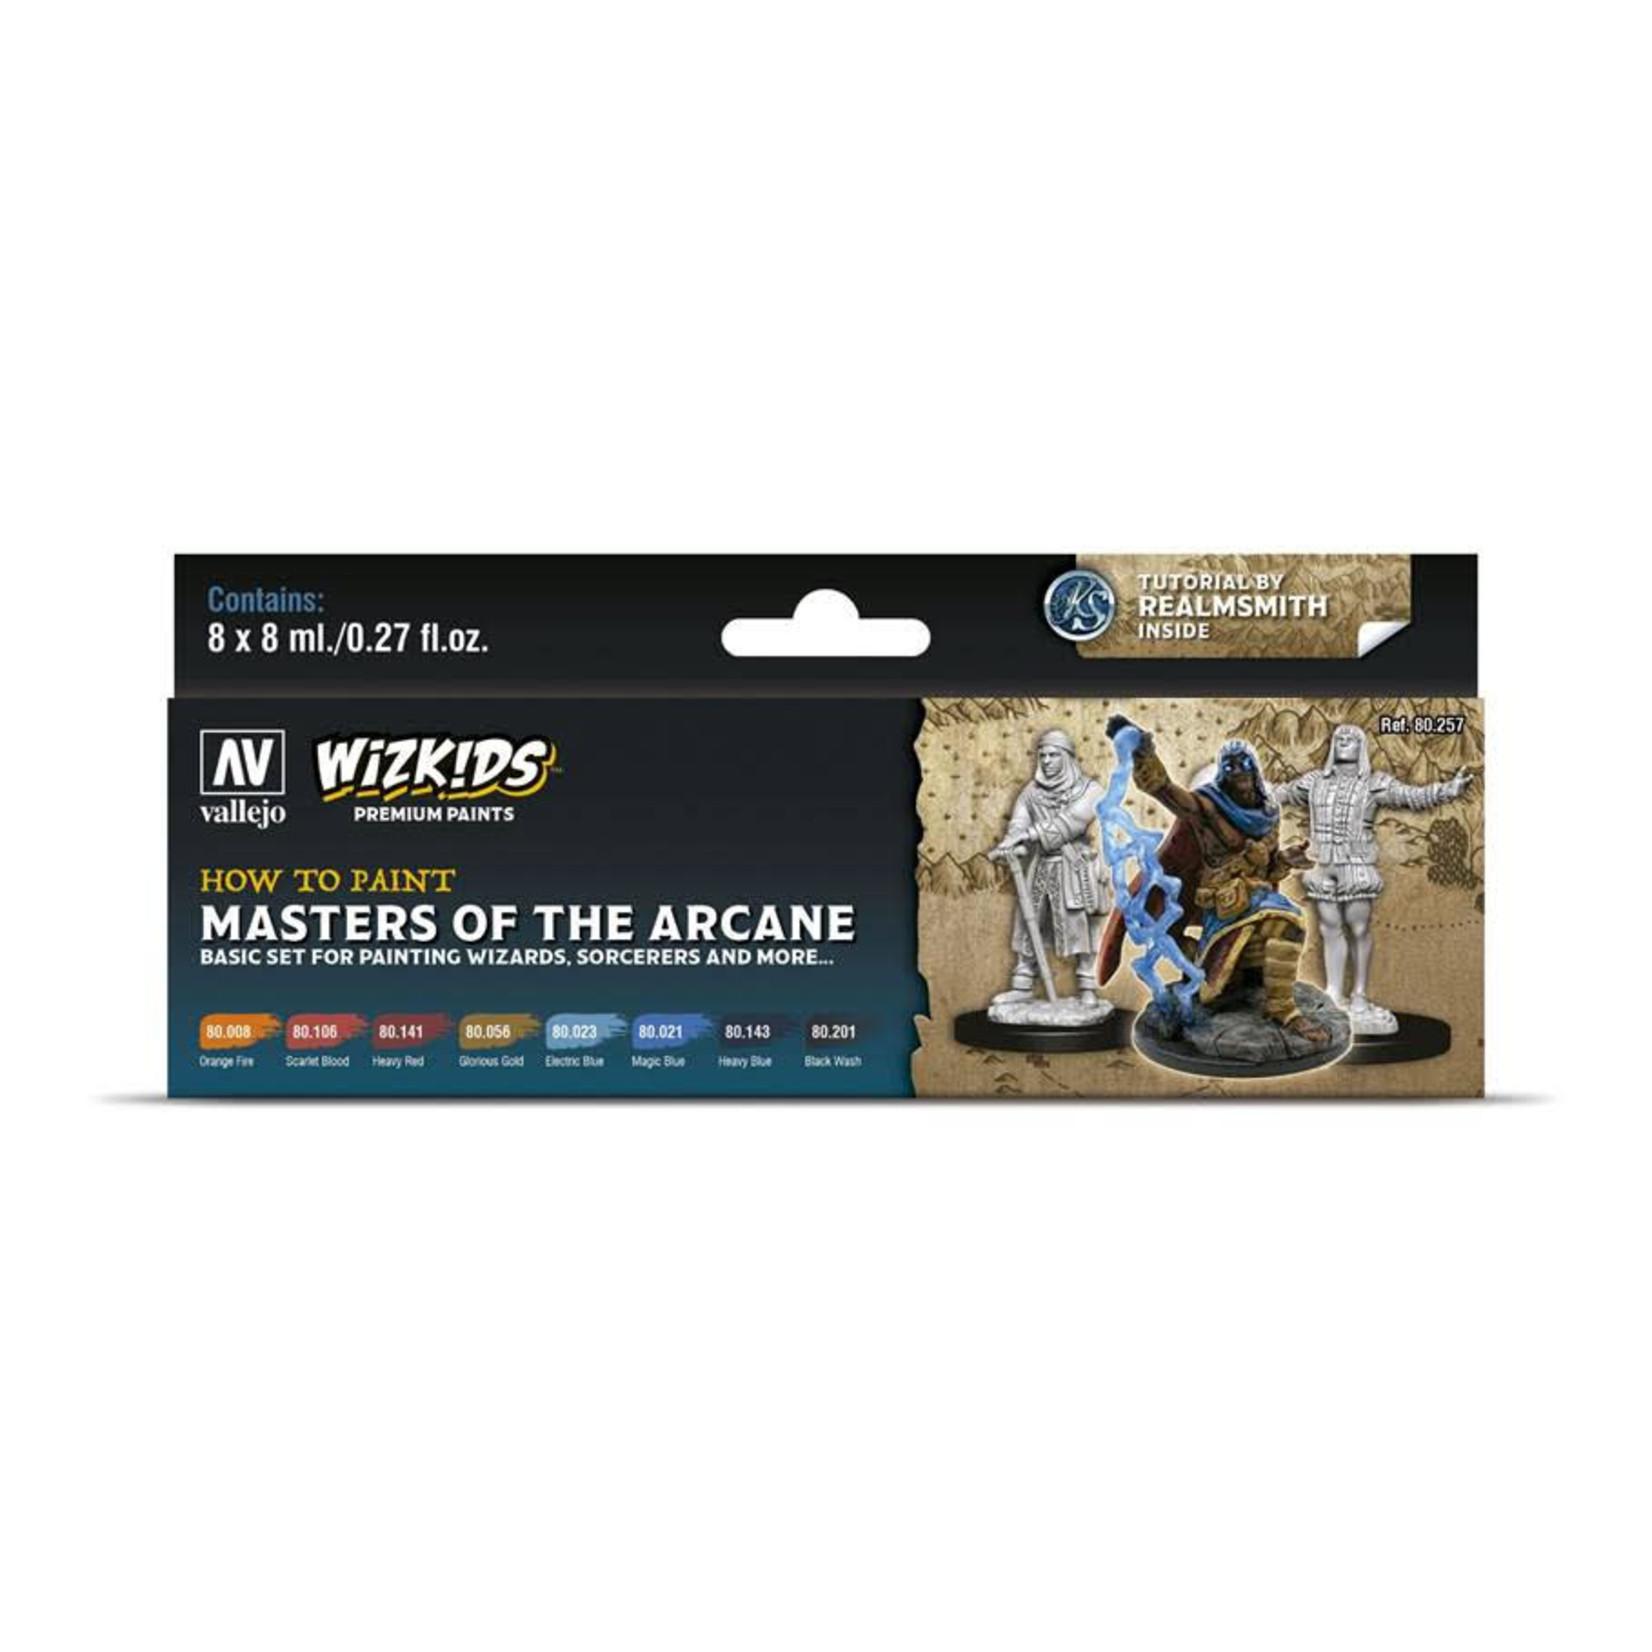 Vallejo Wizkids Paints Set: Masters of the Arcane (8 colors)